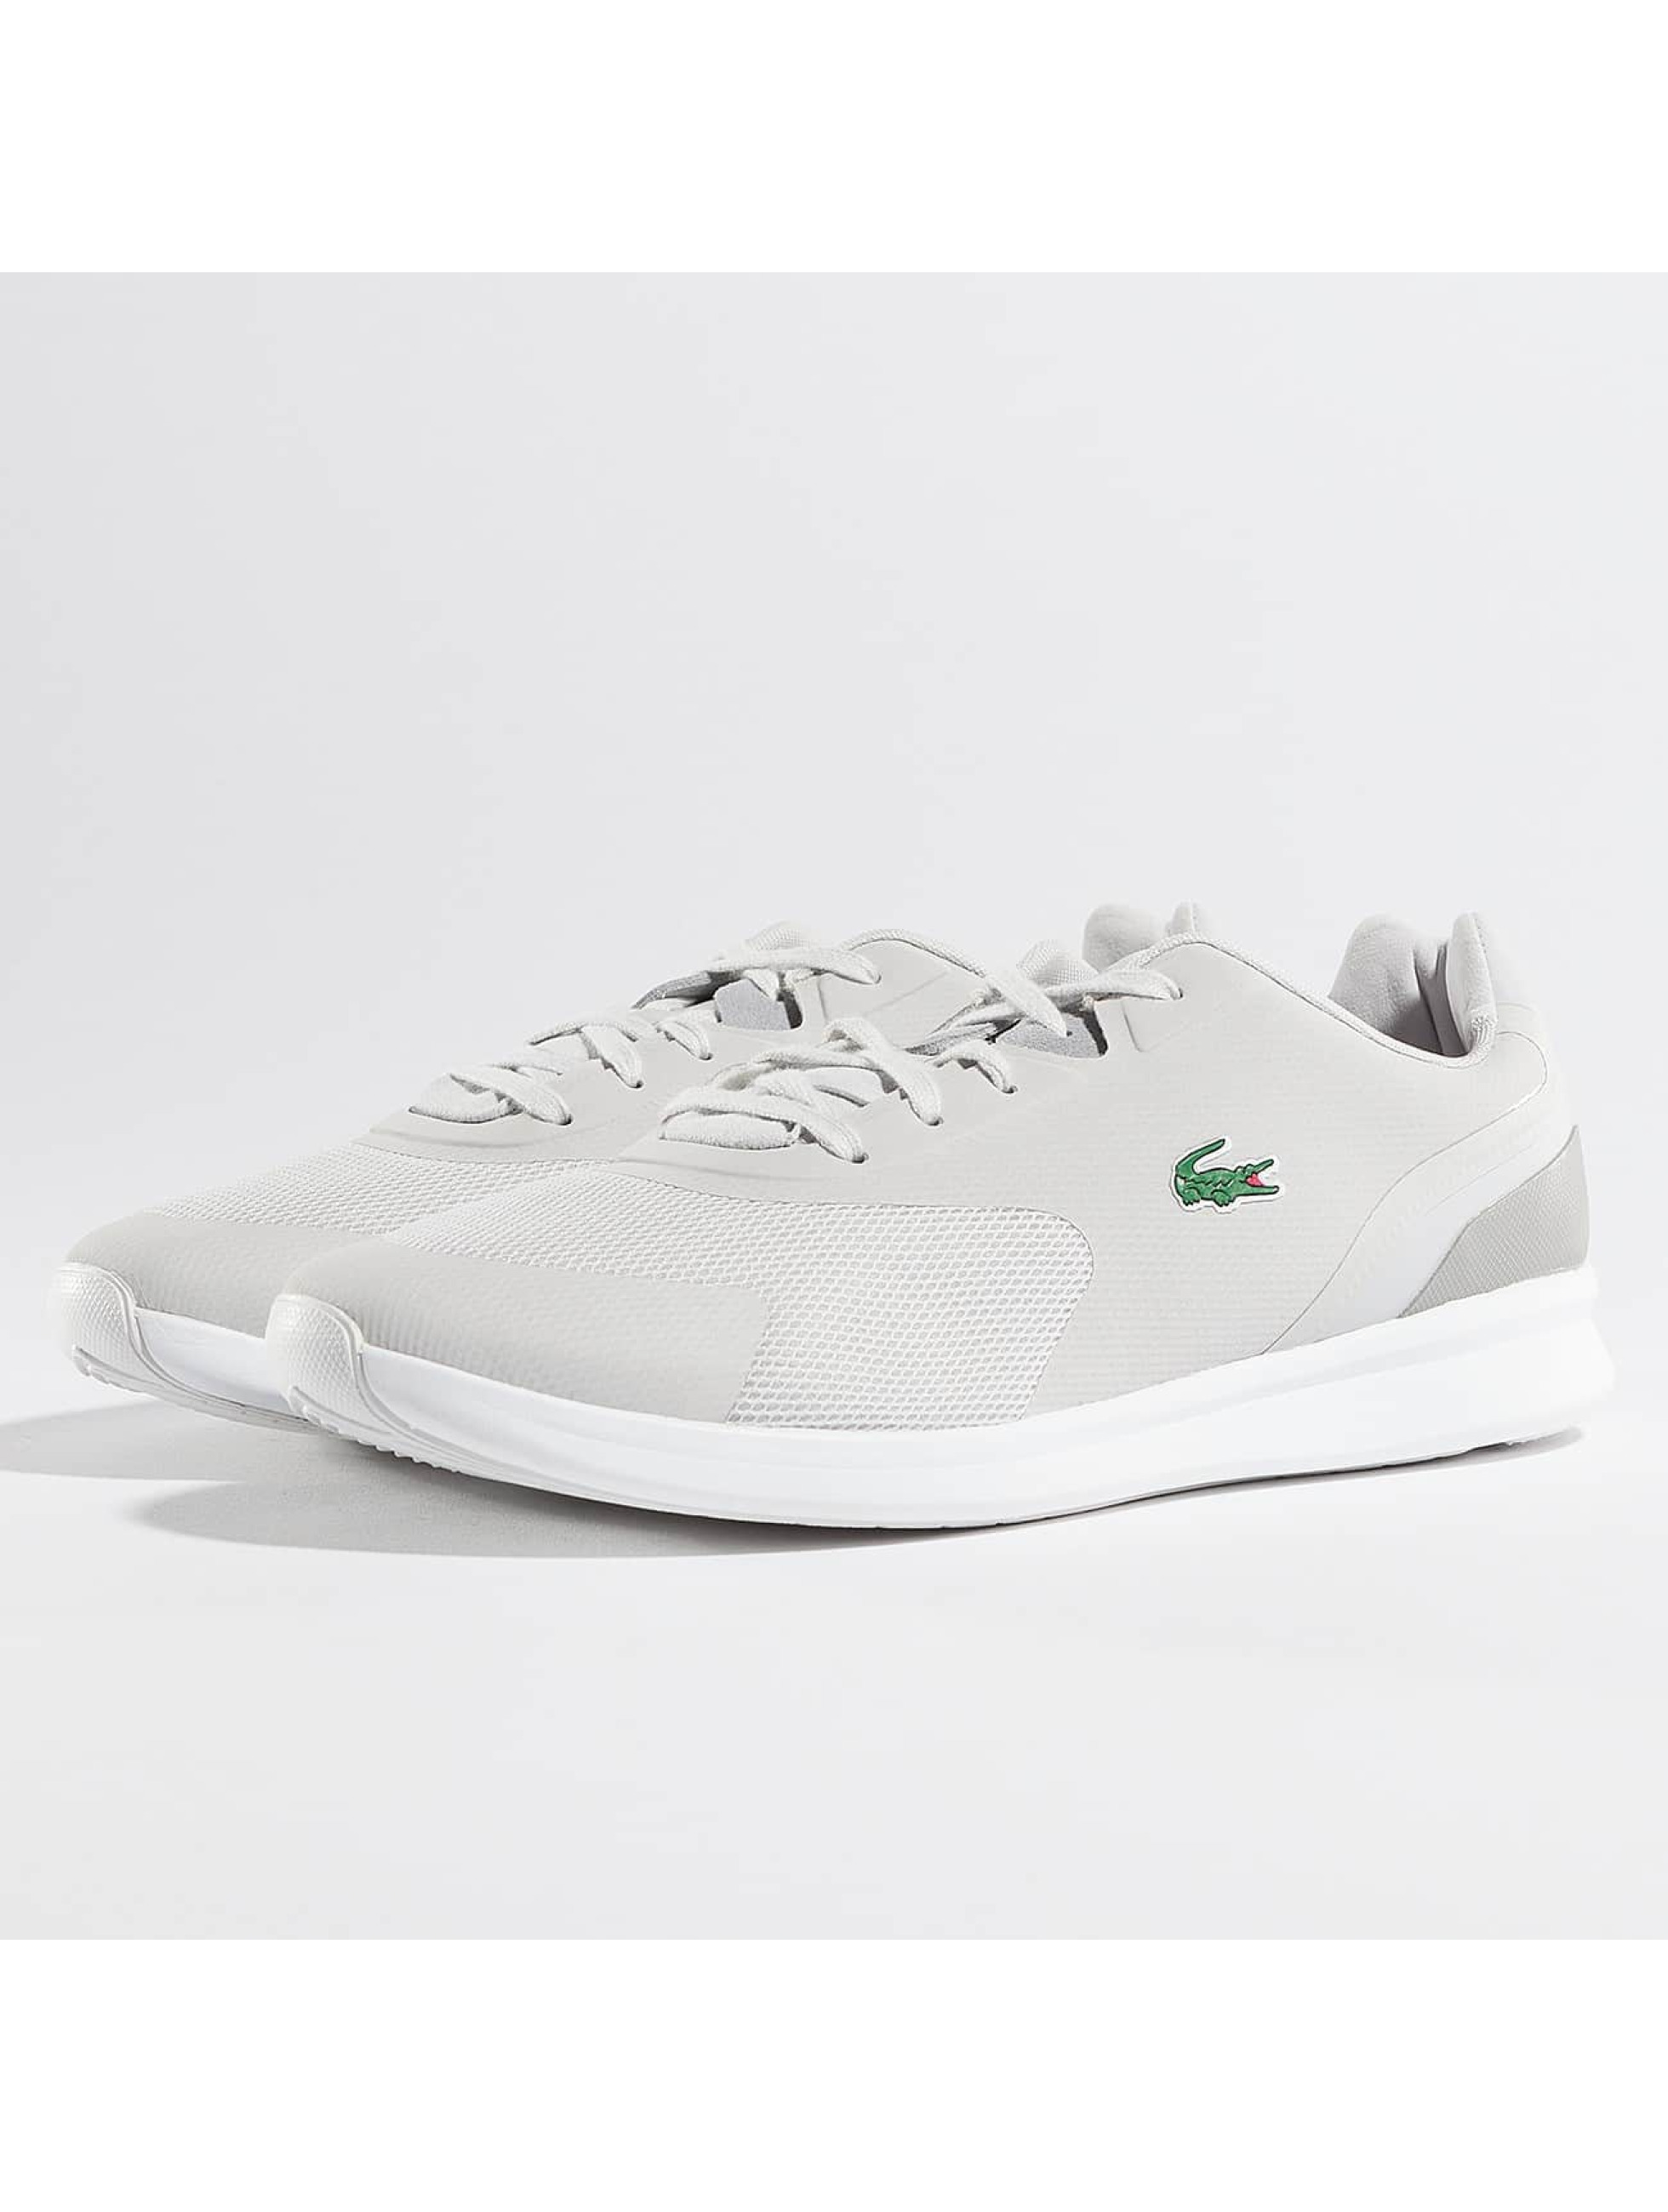 Lacoste Männer Sneaker LTR.01 217 in grau